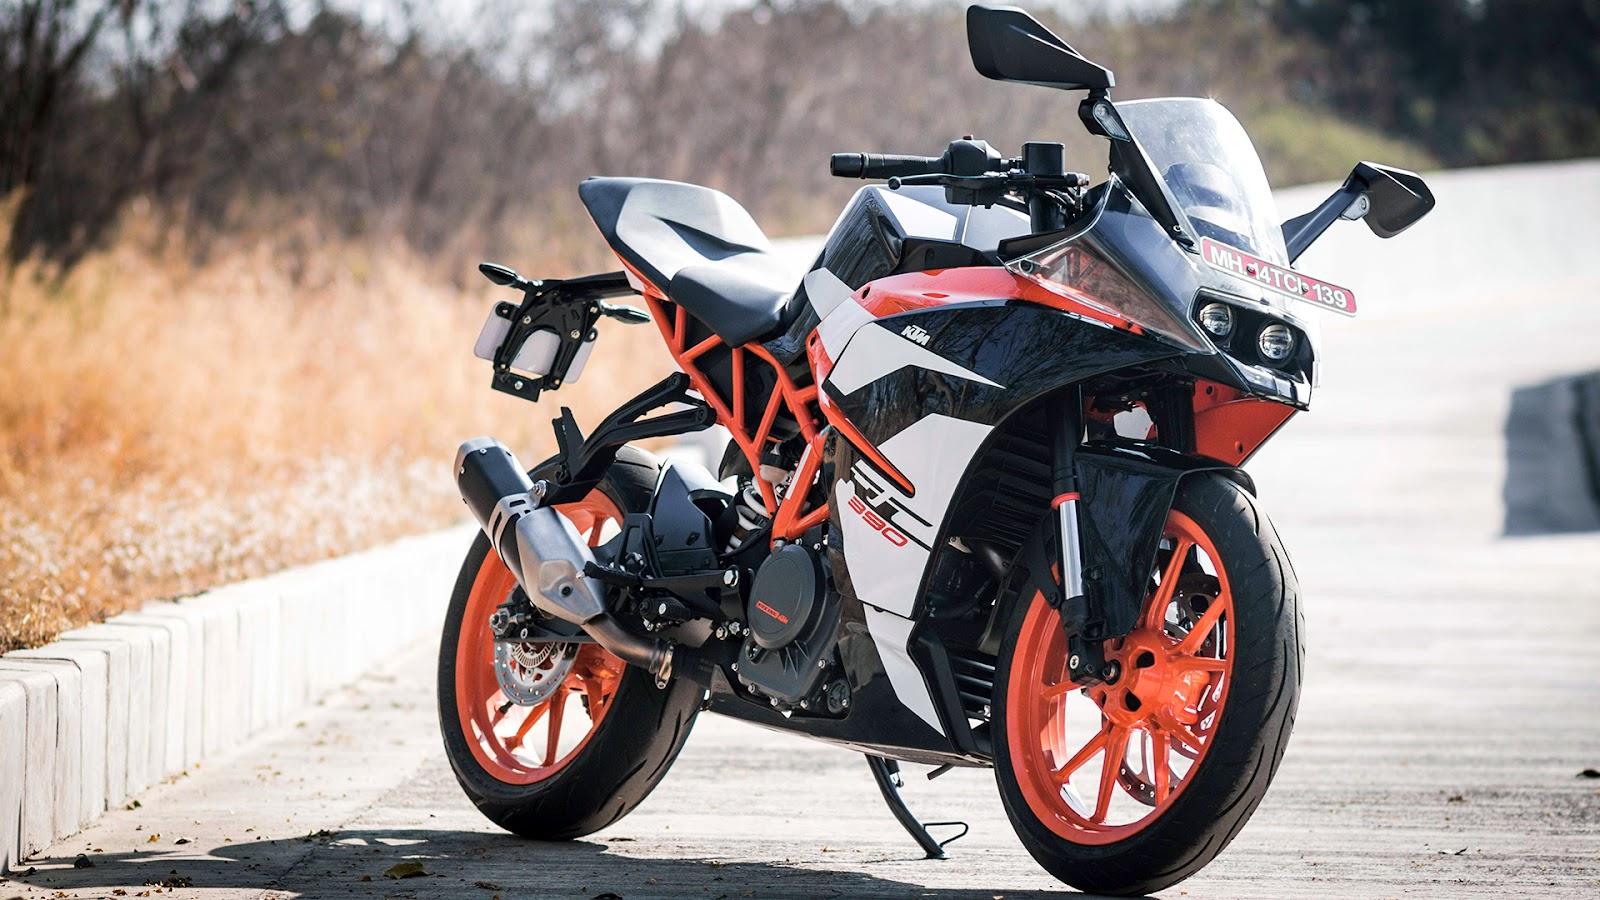 superbikes under 5 lakhs